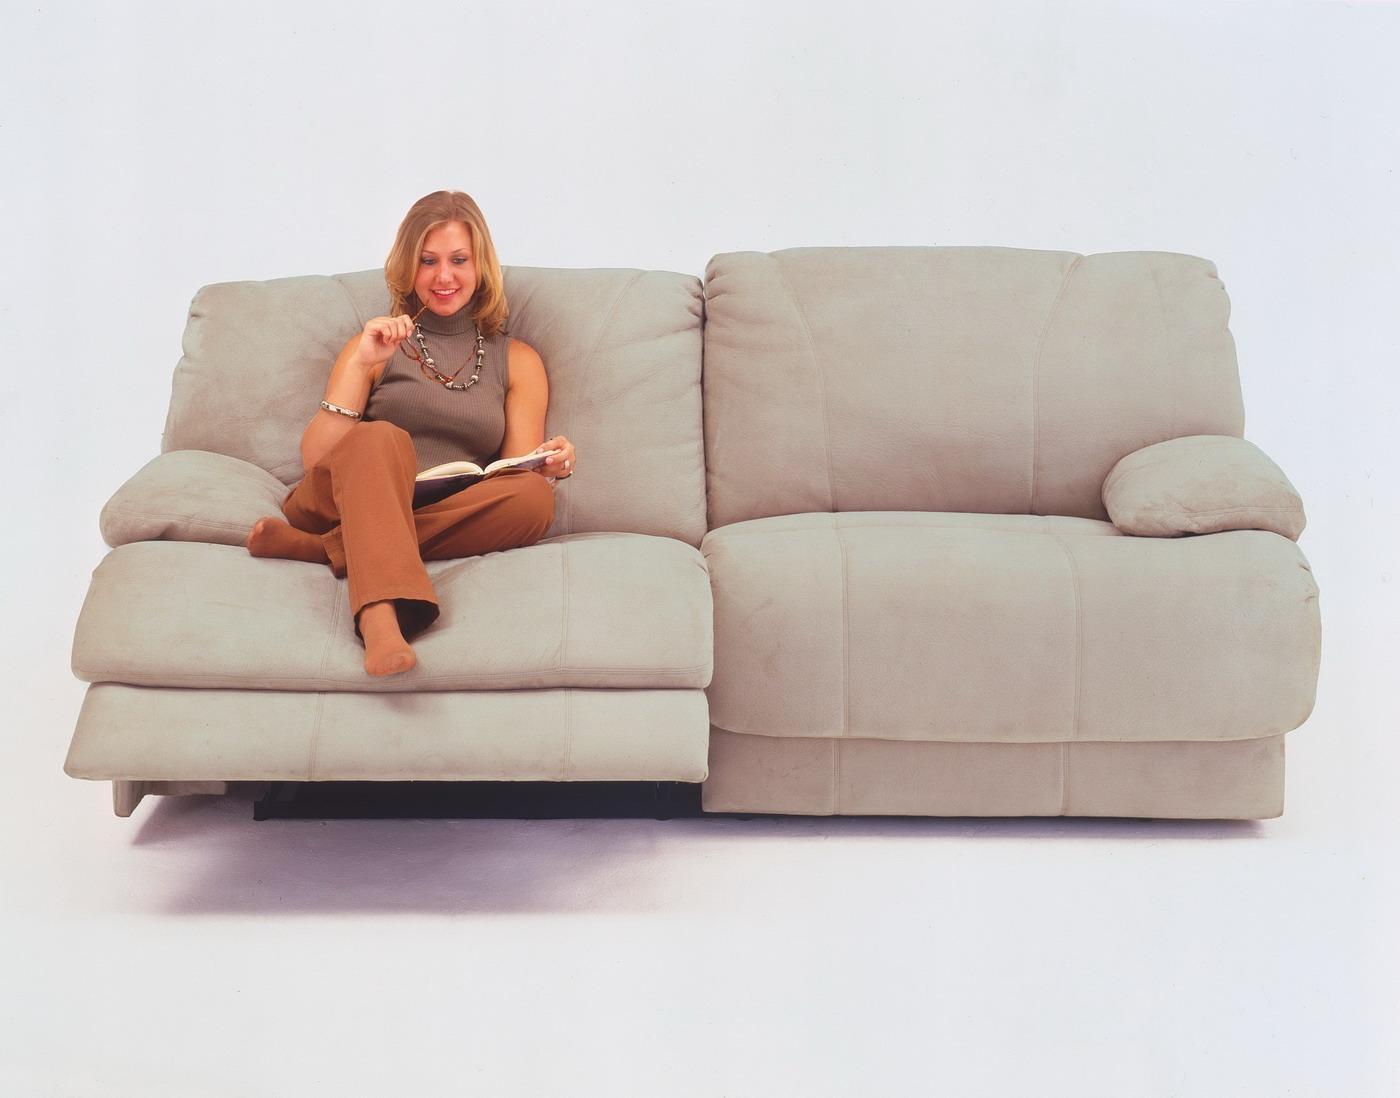 savoy leather sofa costco review alan white sofas 20 inspirations berkline ideas